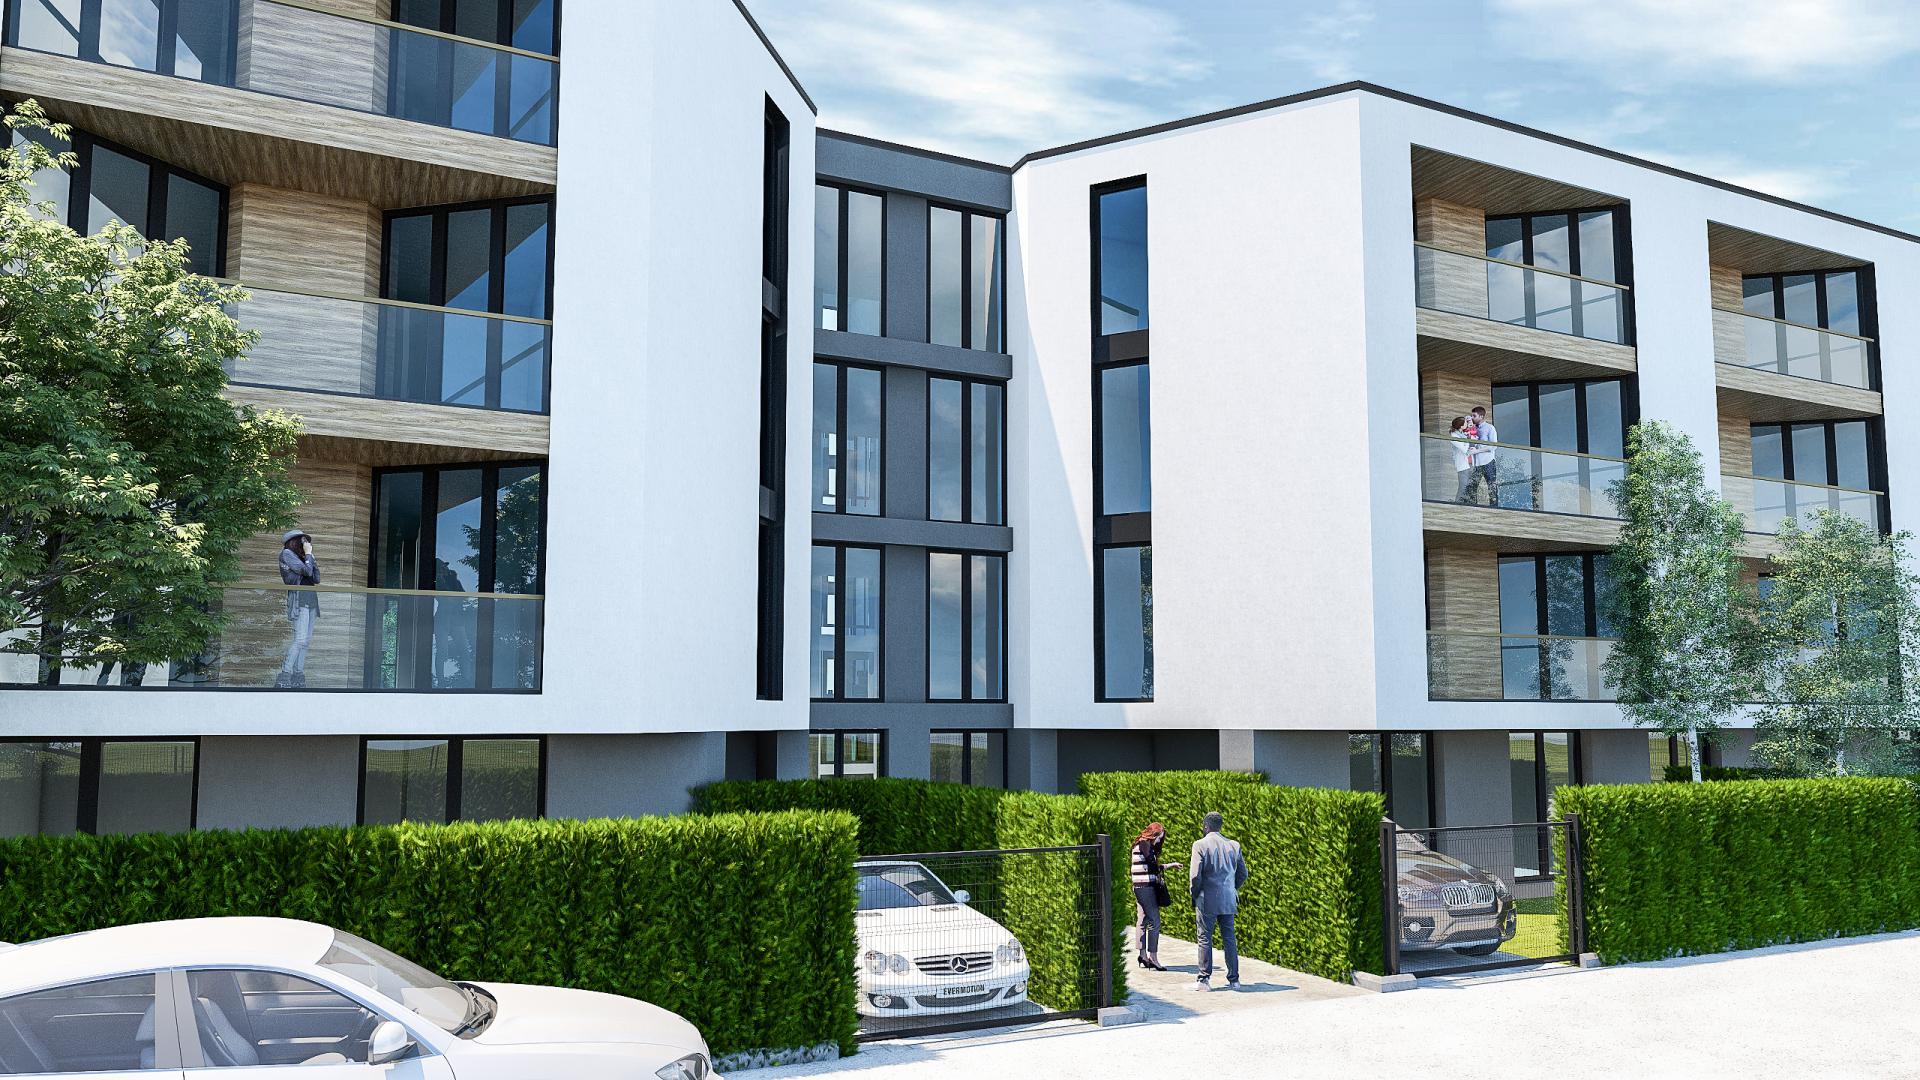 апартаментите с двор имат и включено парко място с врата